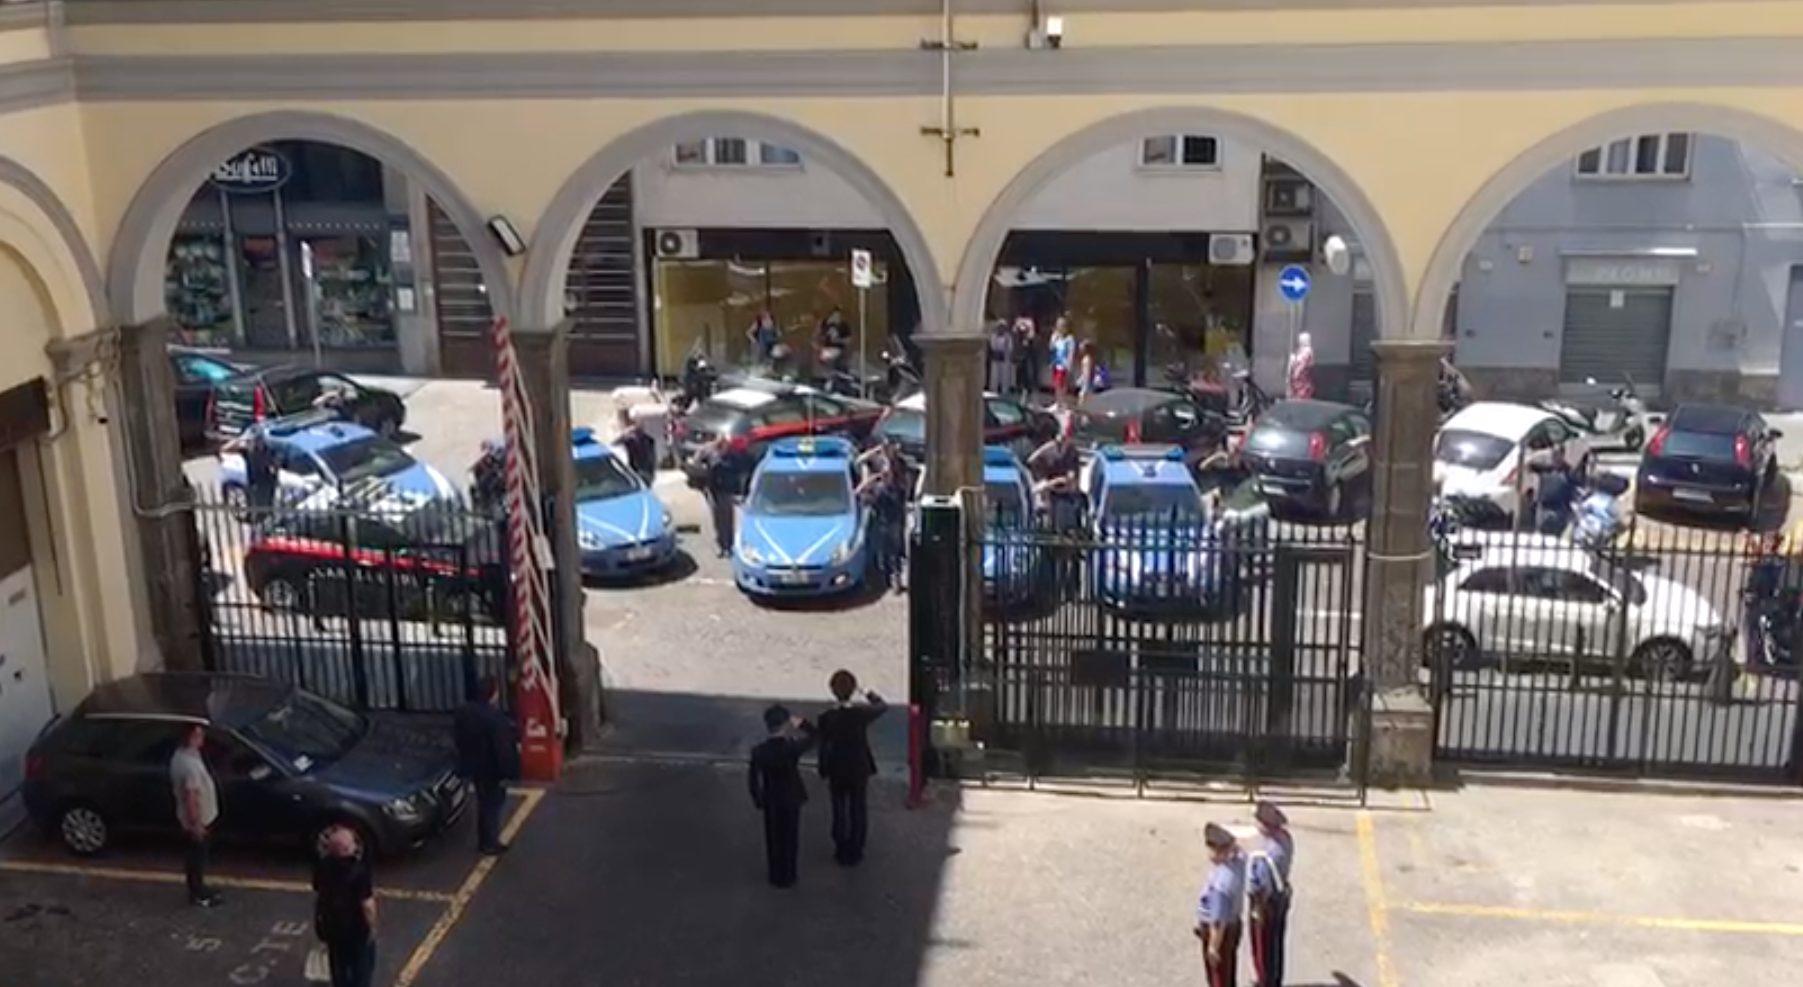 a sirene spiegate davanti al comando. l`omaggio della polizia al carabiniere ucciso. -video-